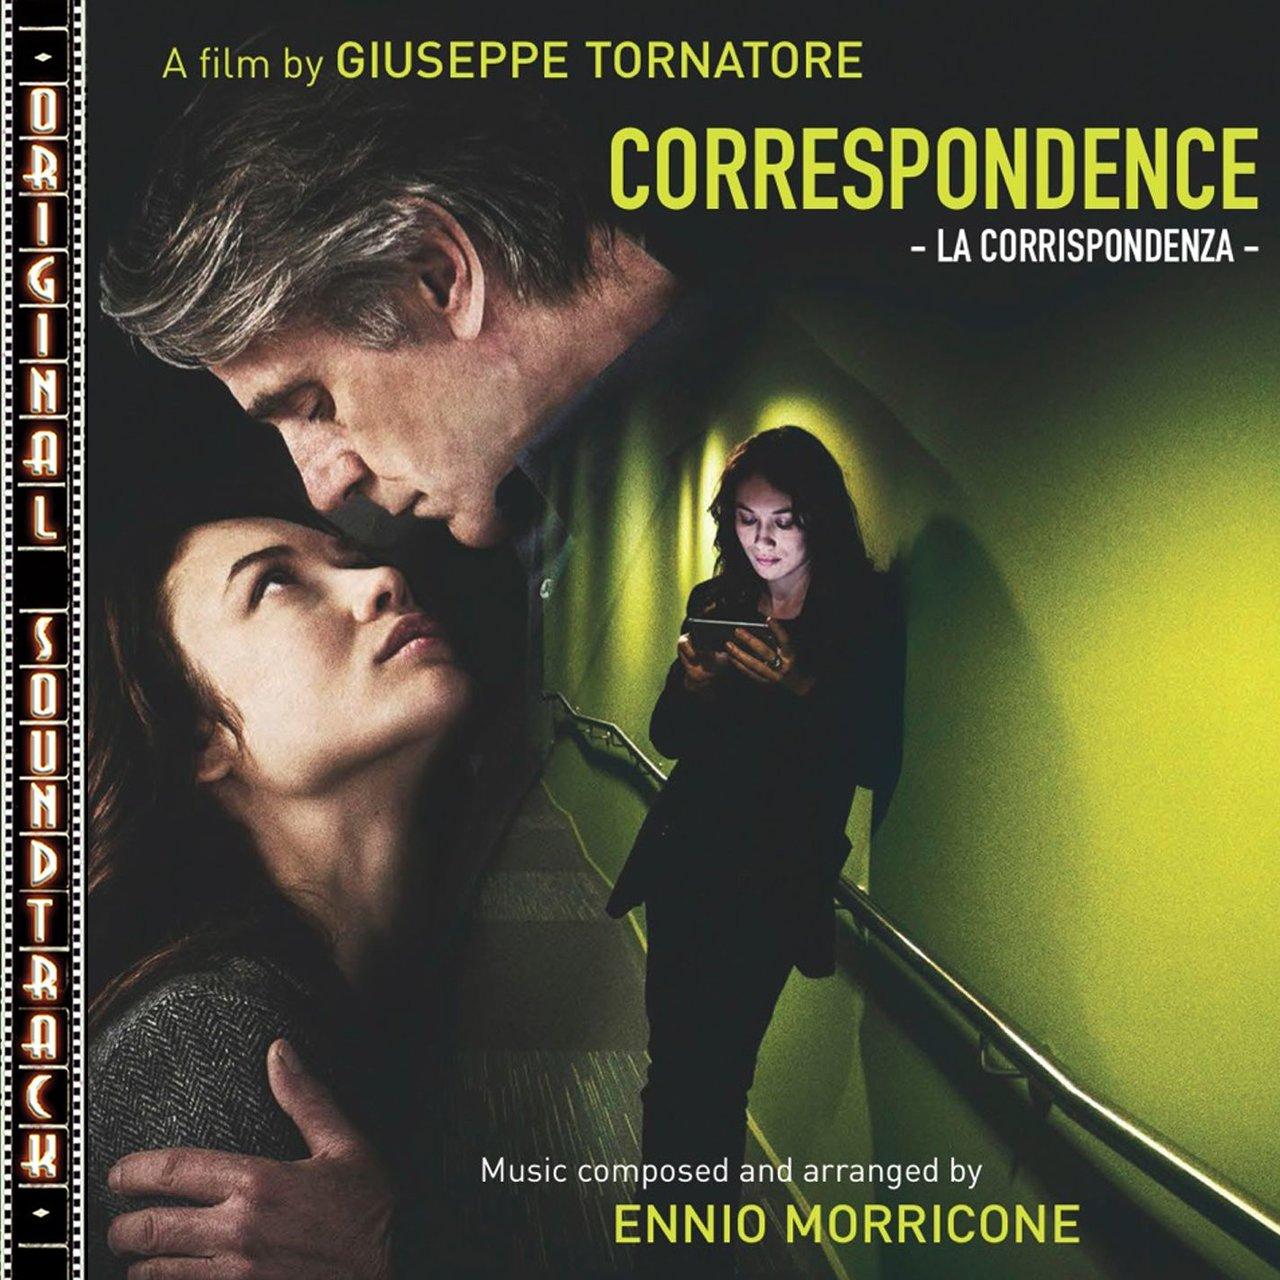 Ennio Morricone - Il Federale (Original Soundtrack)